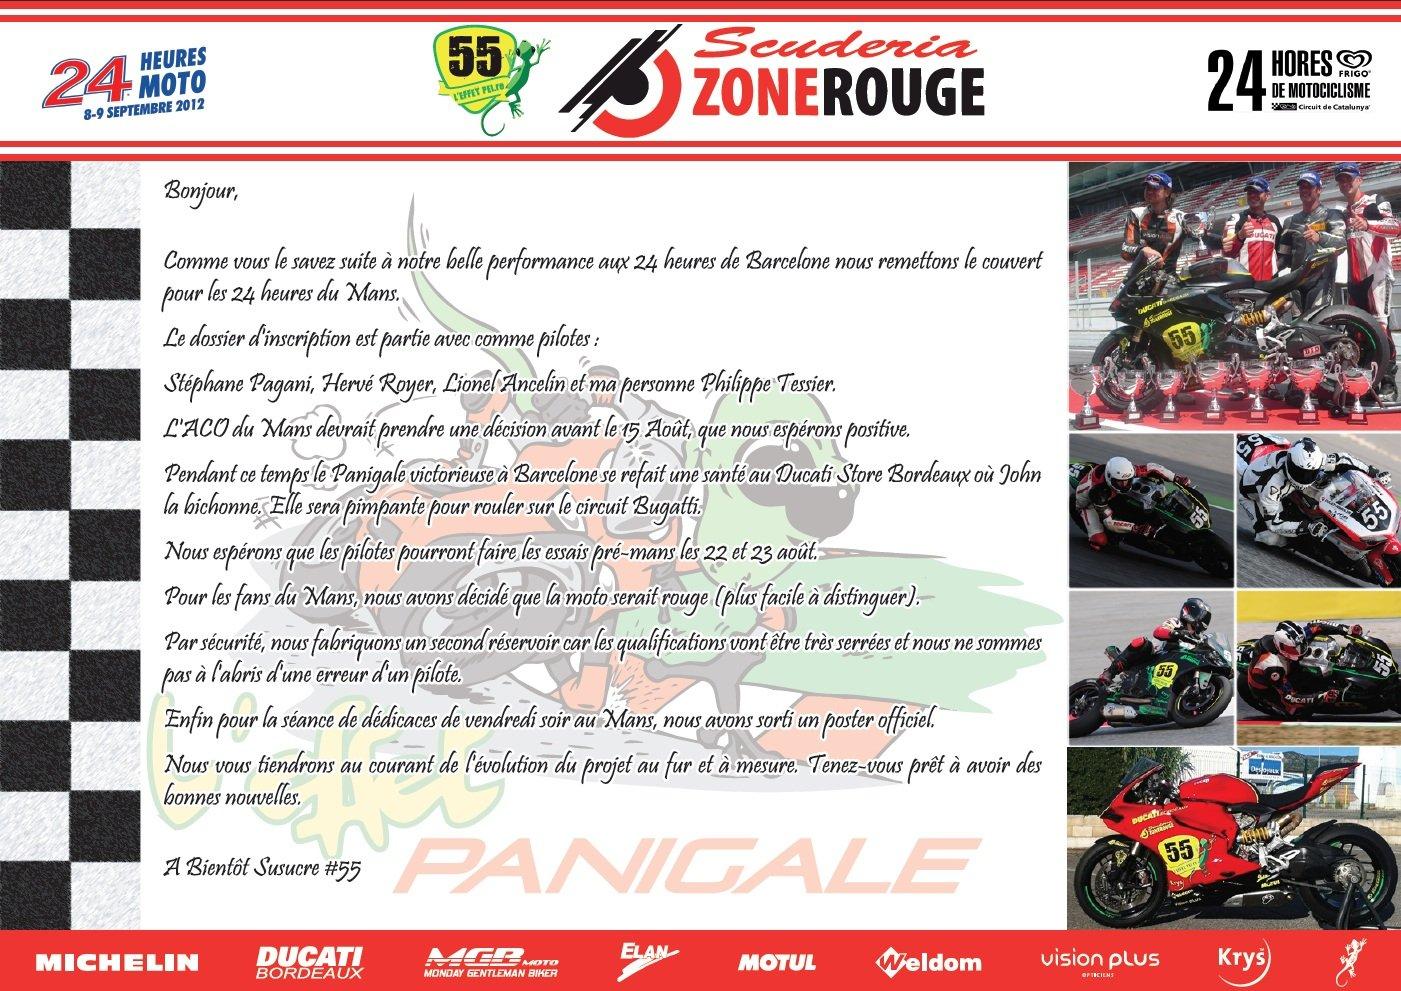 Scuderiazonerouge au 24h Moto du mans? dans Team 2012-08-04-CRv